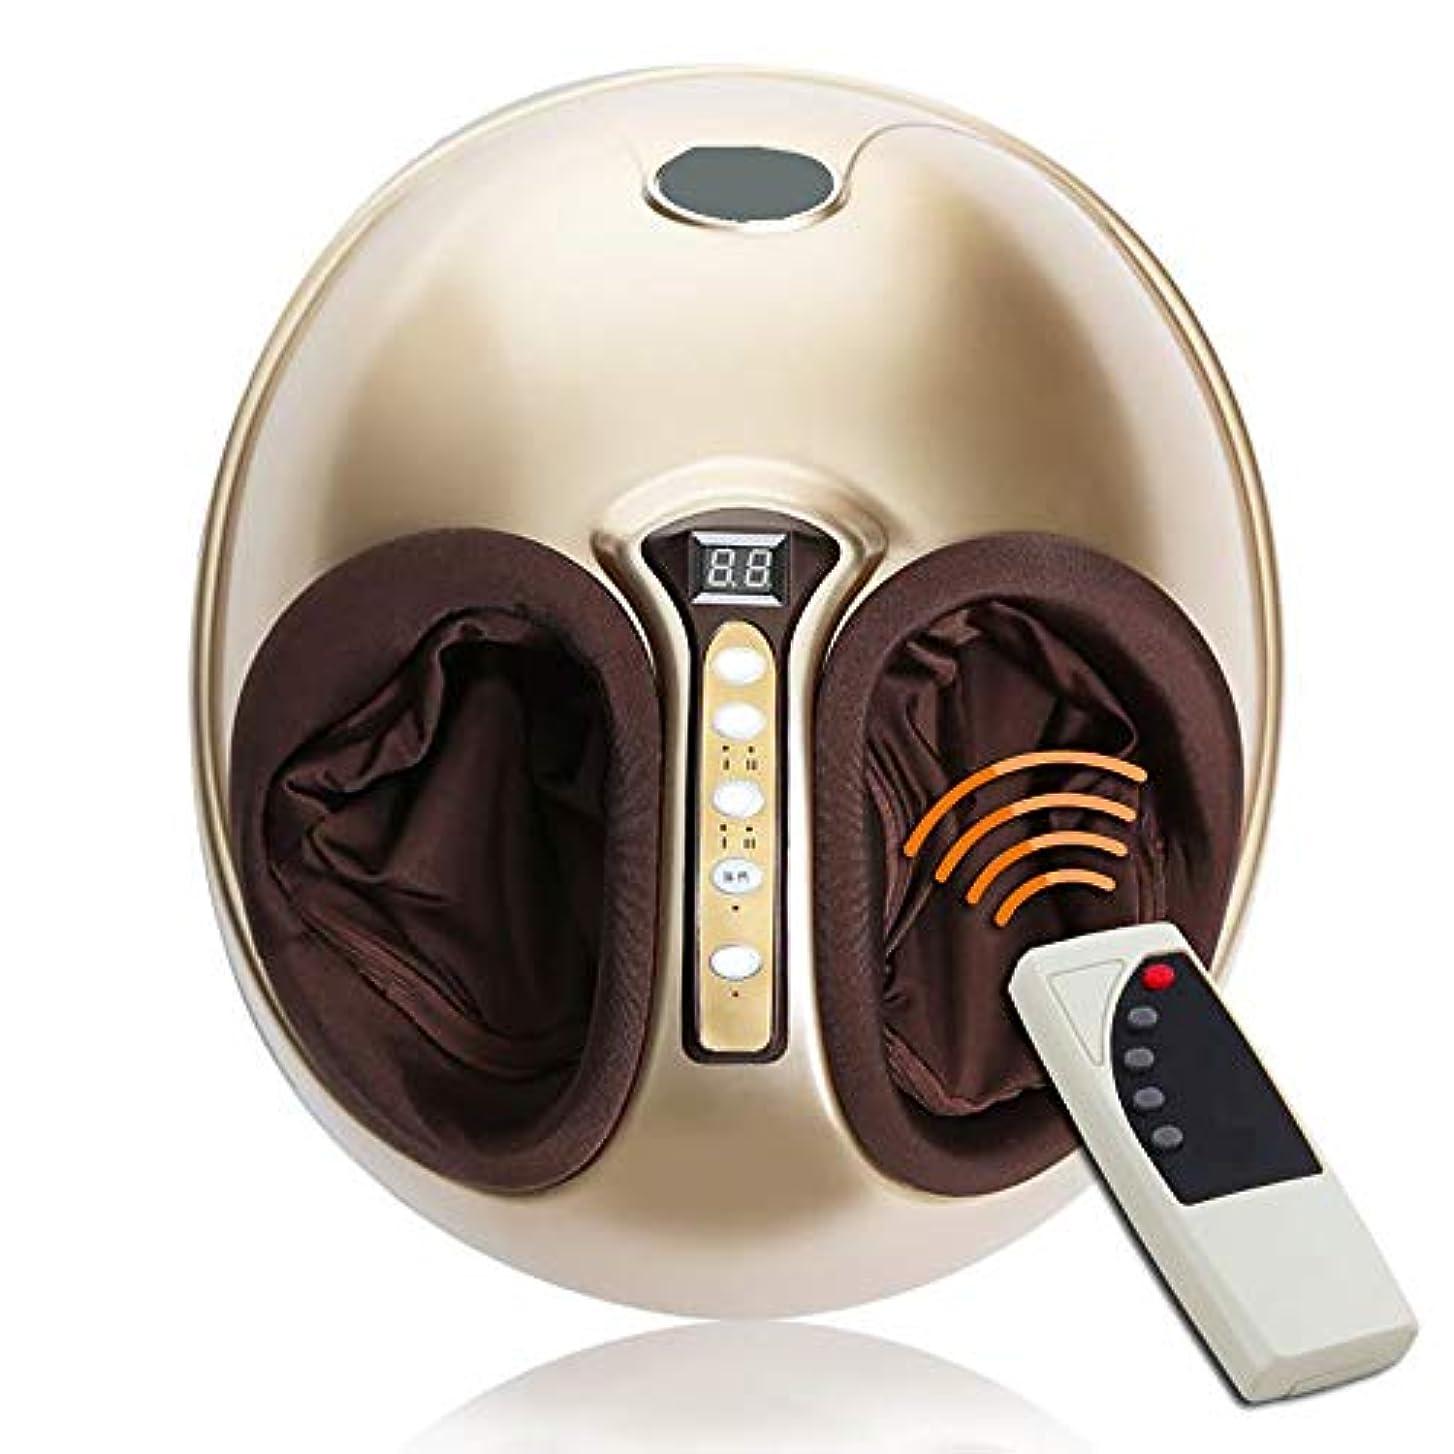 誰が精査する砂のフットマッサージャー指圧マッサージ器高温混練ローリング圧縮空気と強度調節可能な家庭用マッサージャーはストレスを軽減します